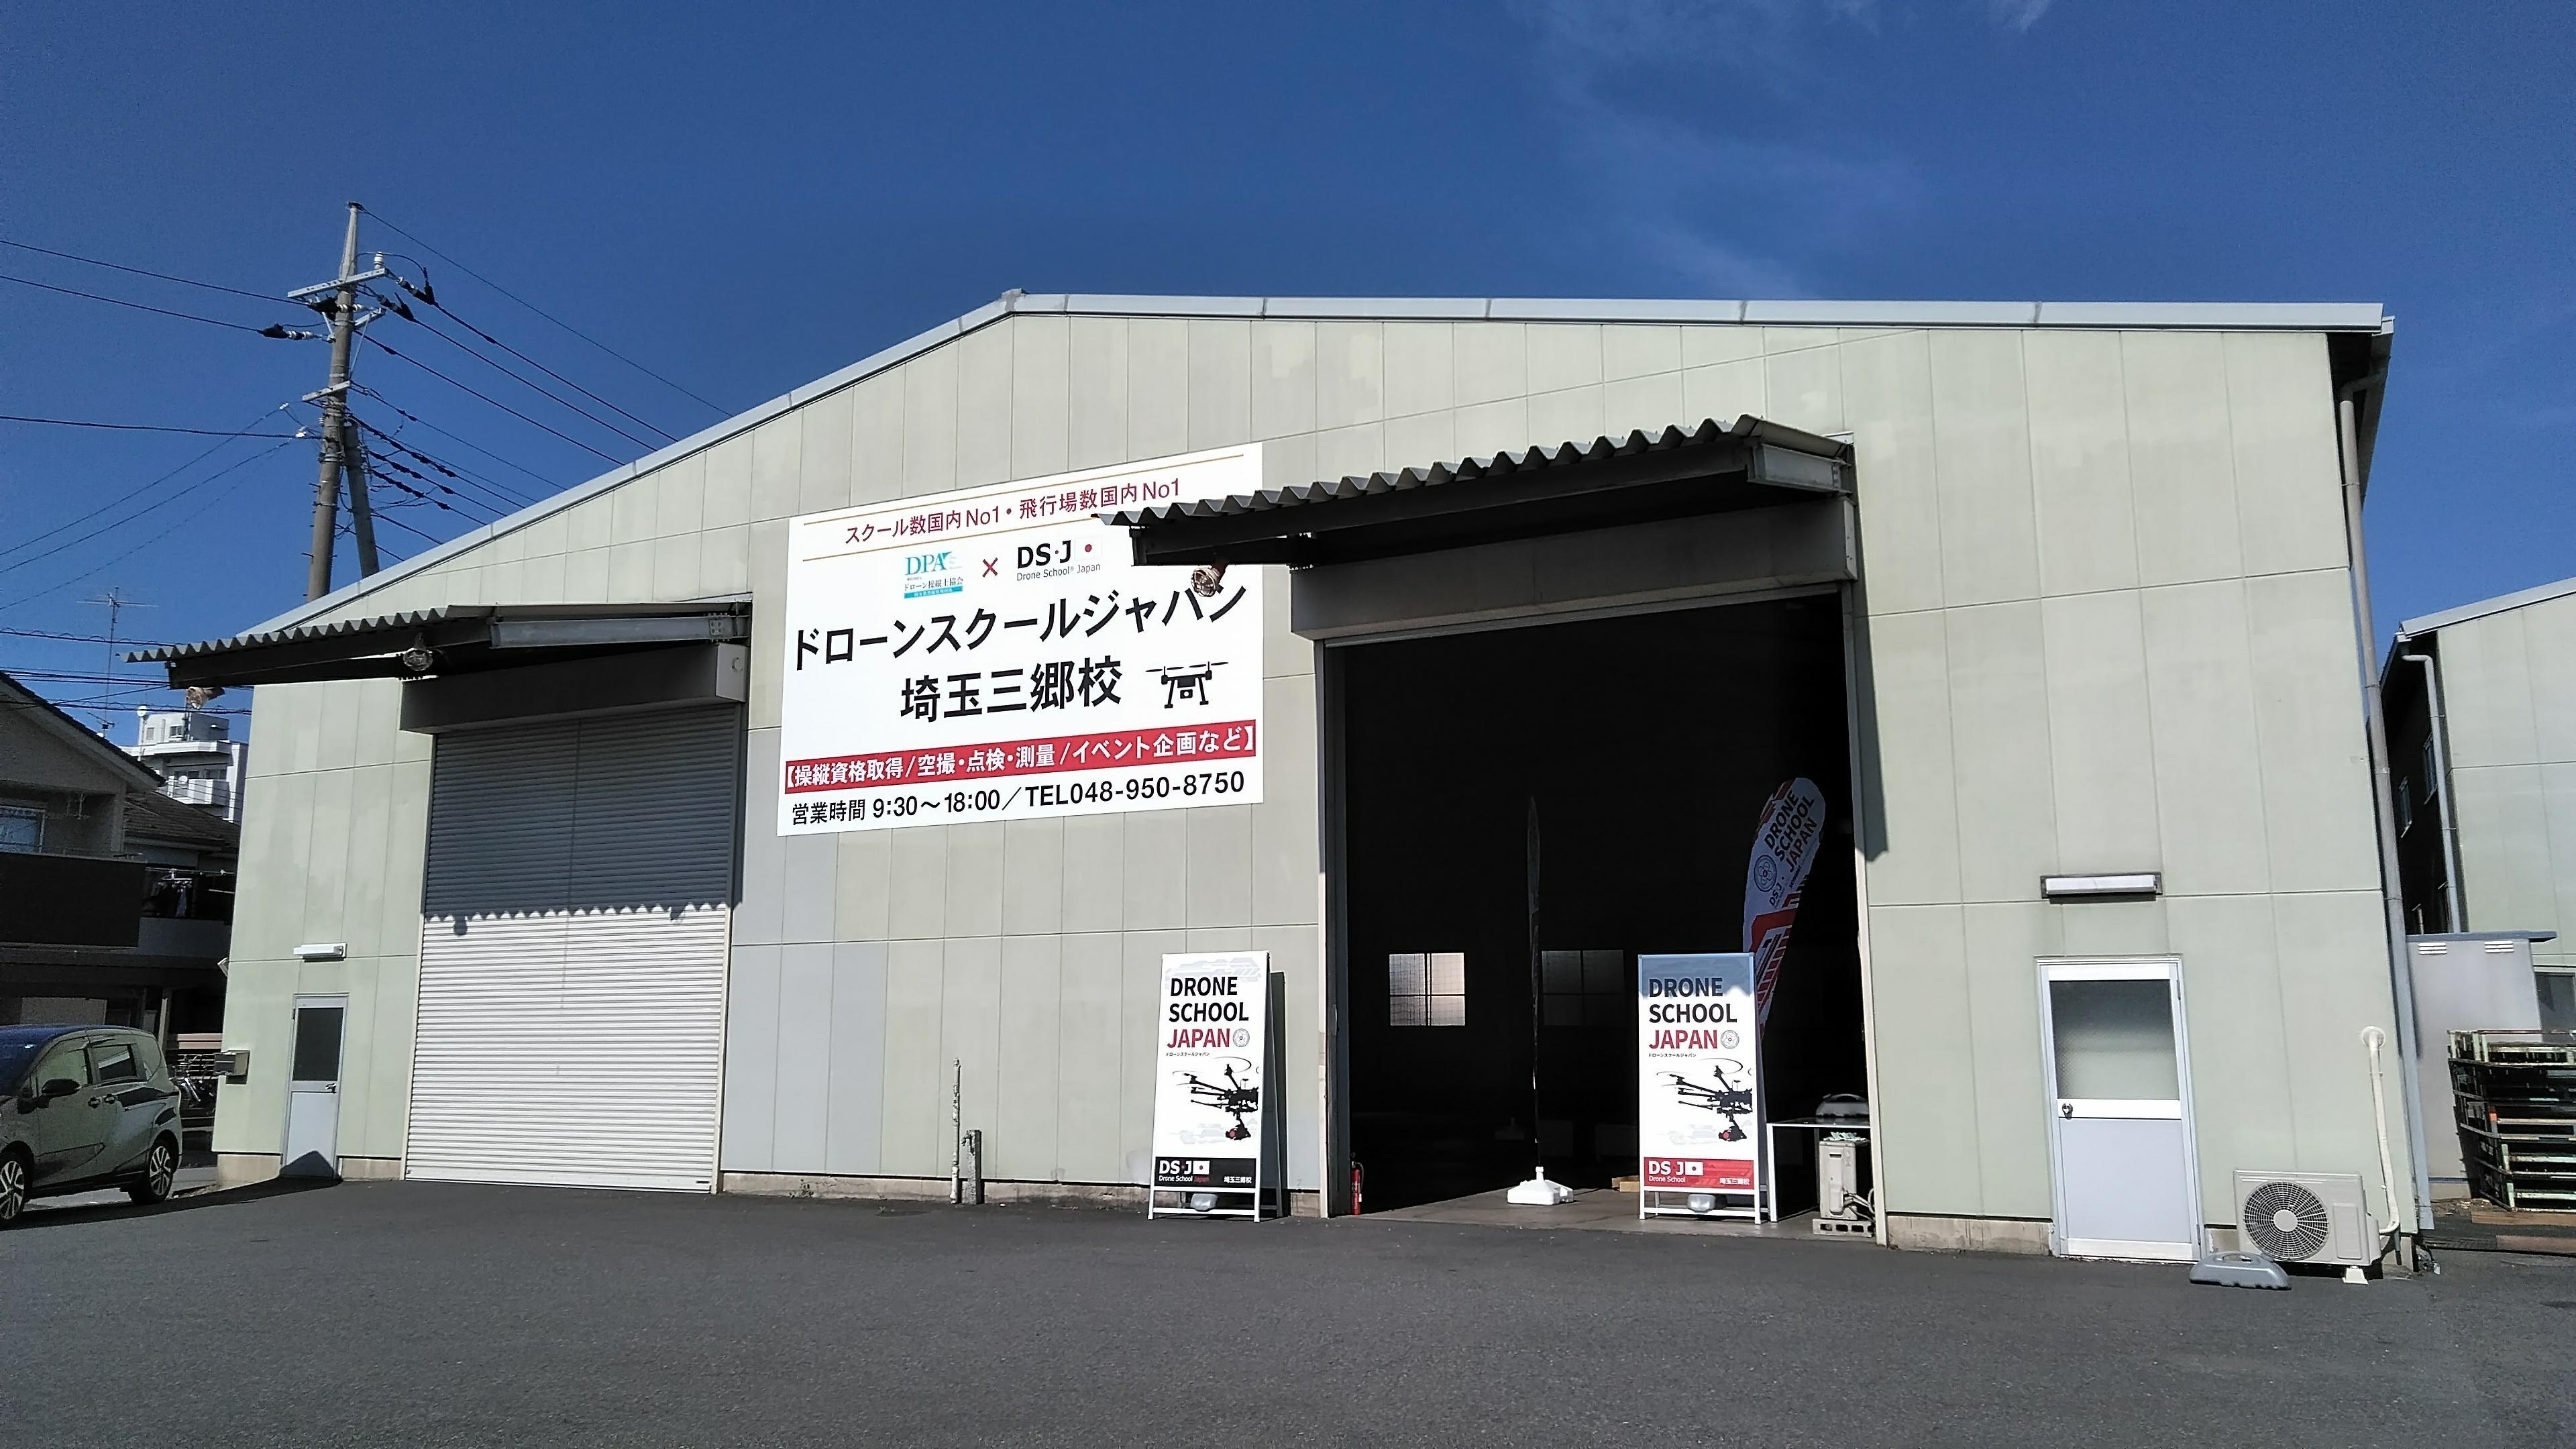 ドローンスクールジャパン埼玉三郷校